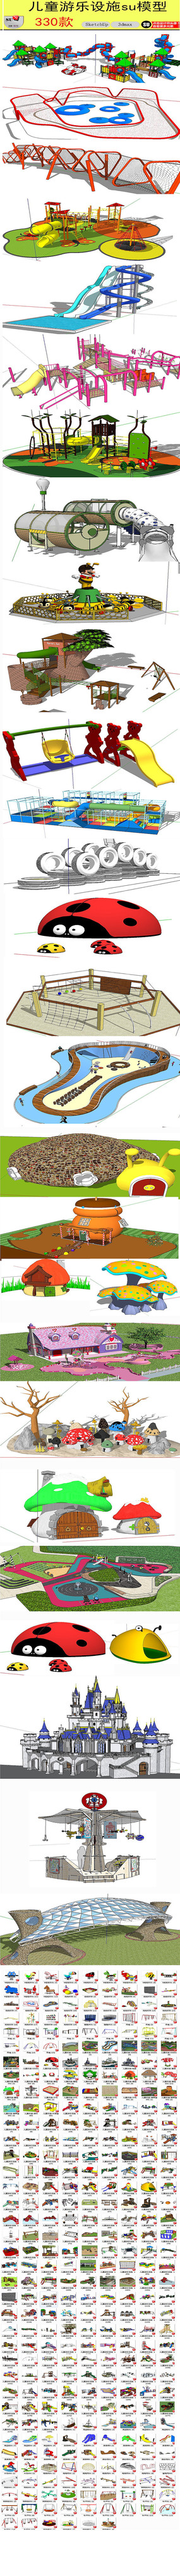 儿童乐园儿童游乐架su模型